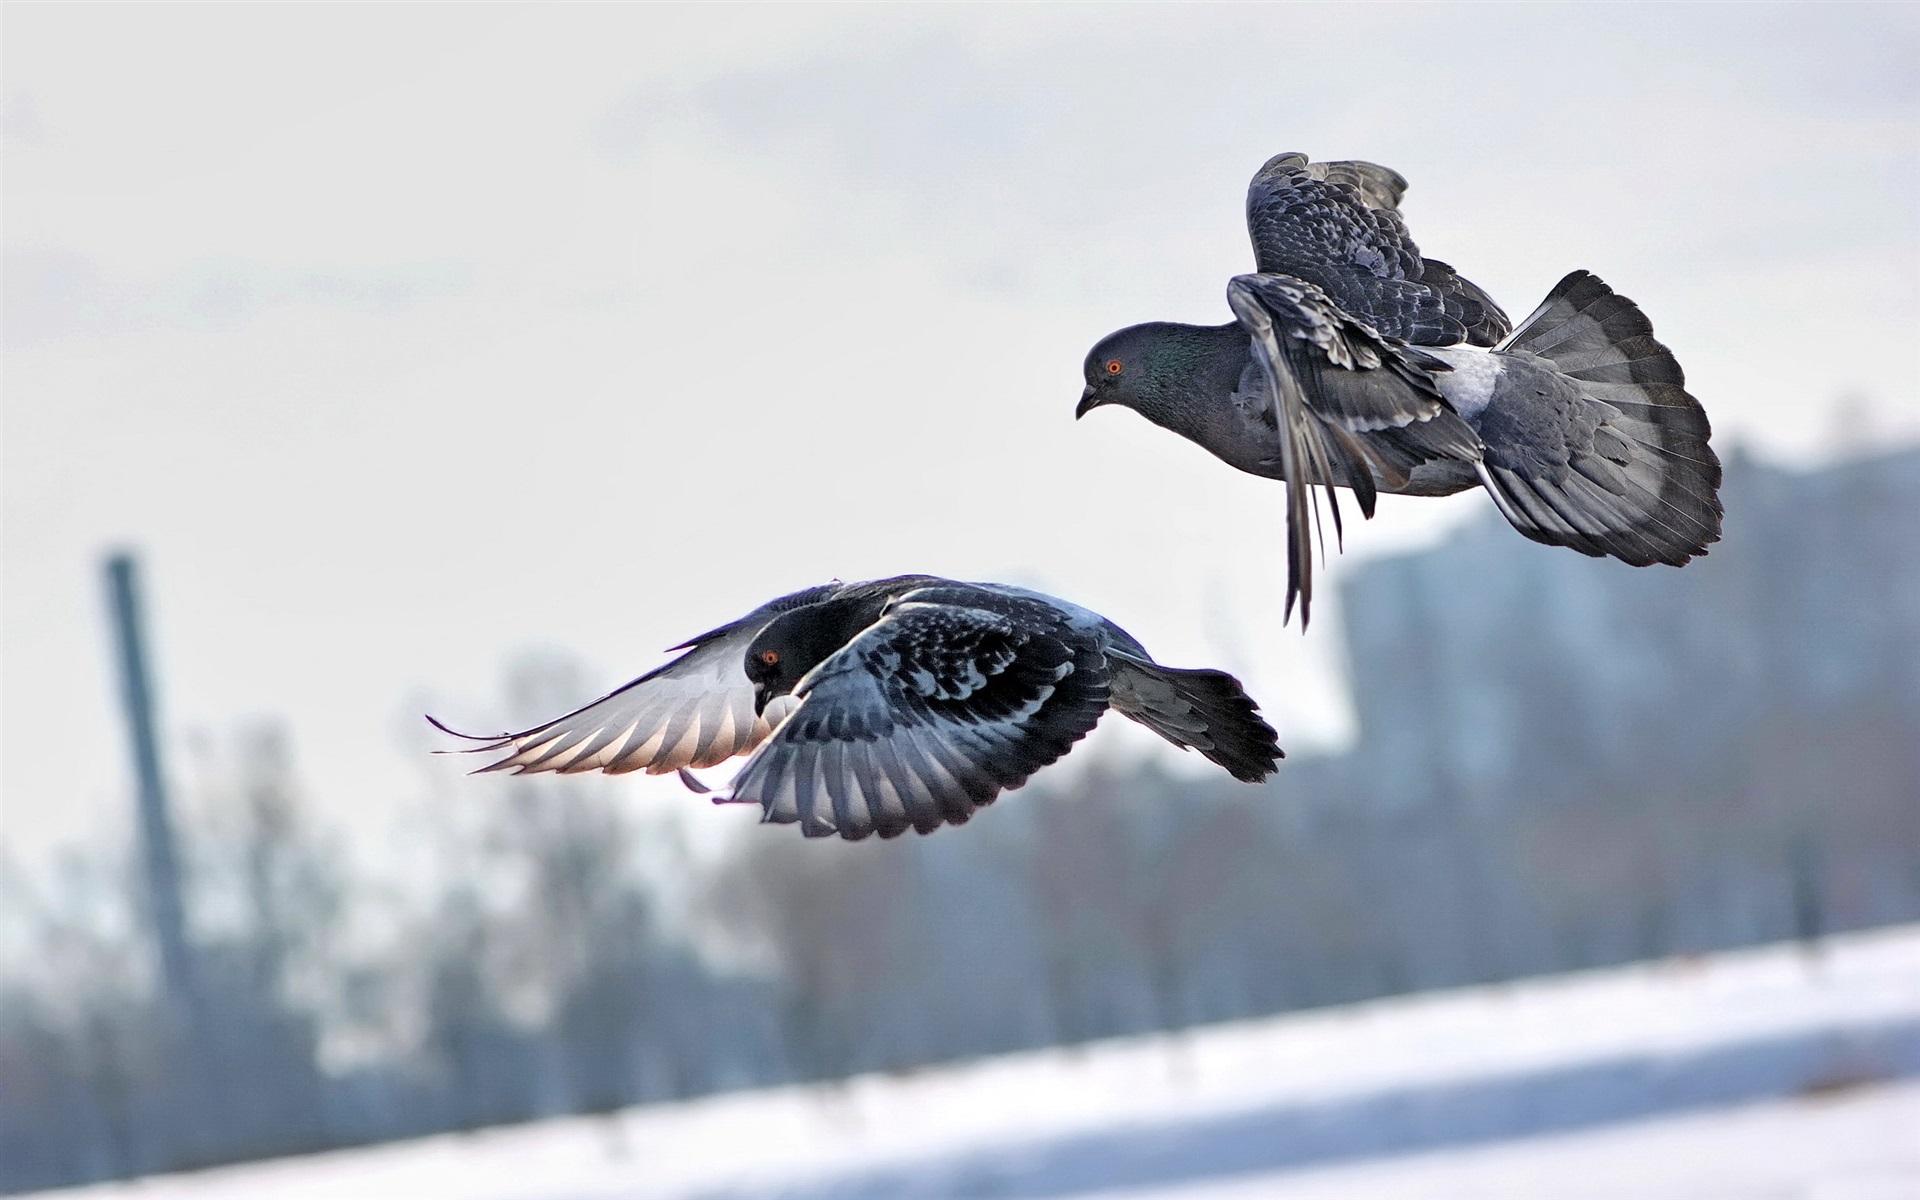 Hình nền chim bồ câu đang bay